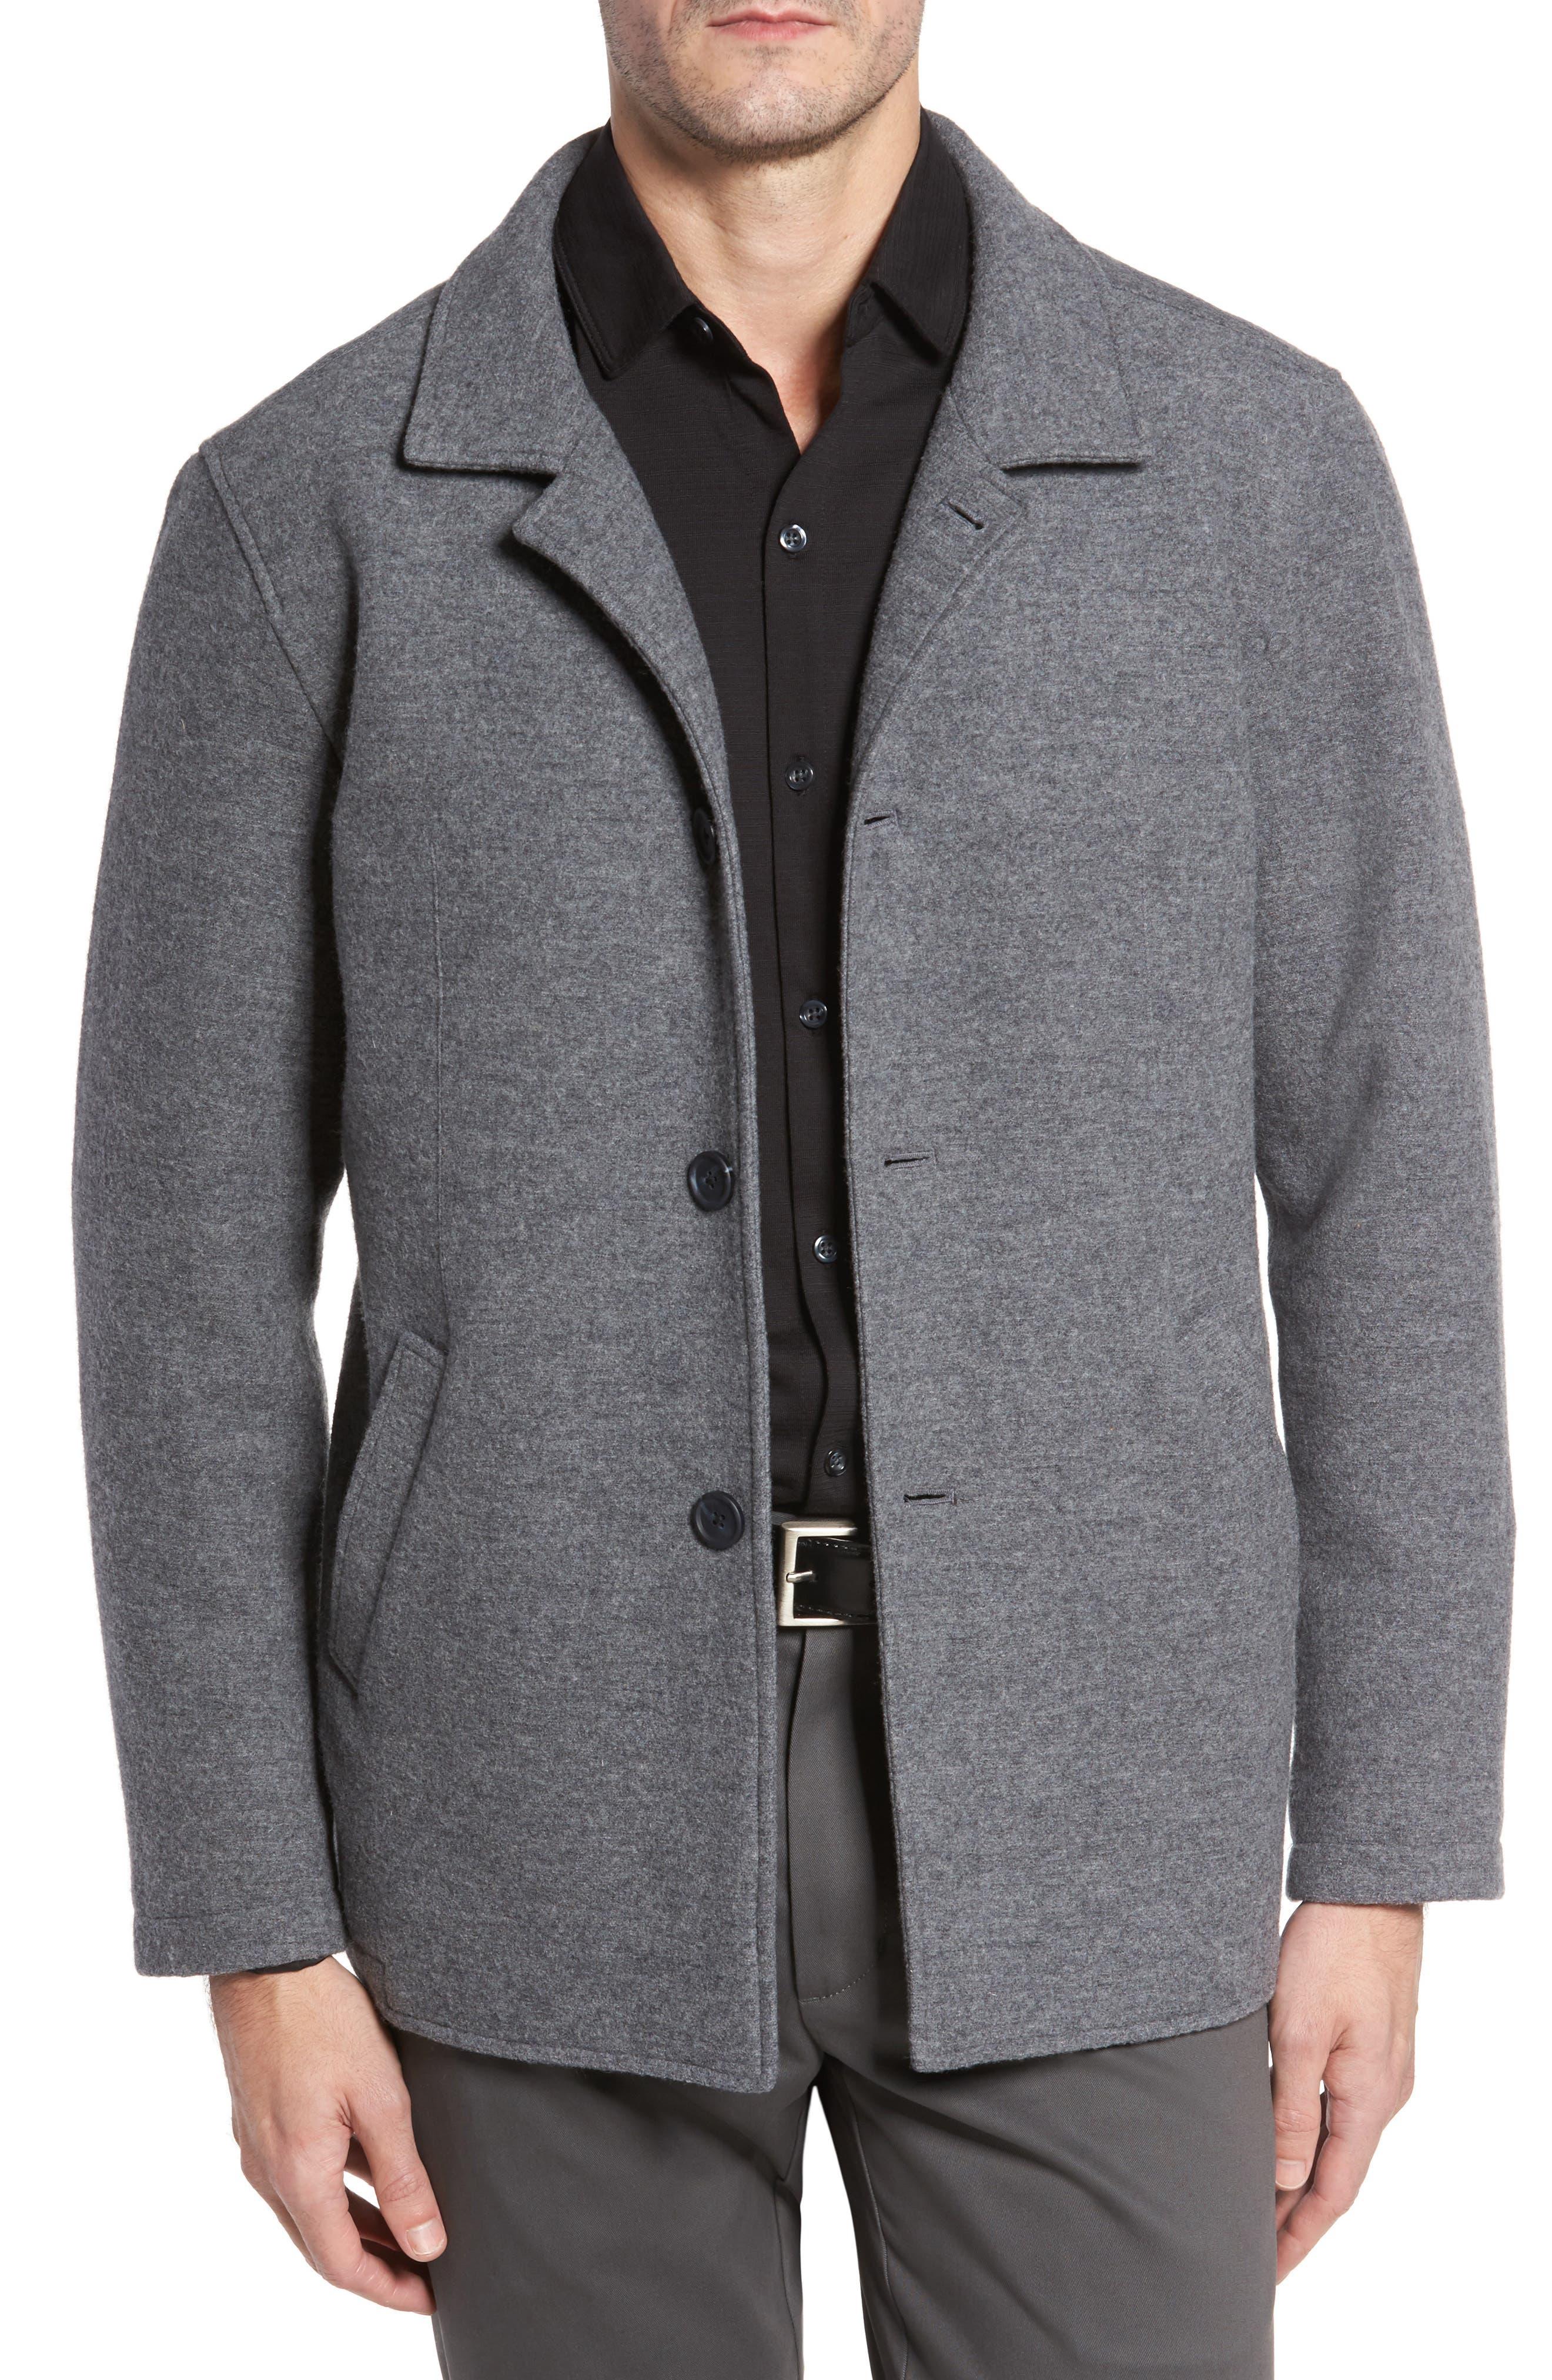 Robert Barakett Clifton Wool Blend Knit Jacket